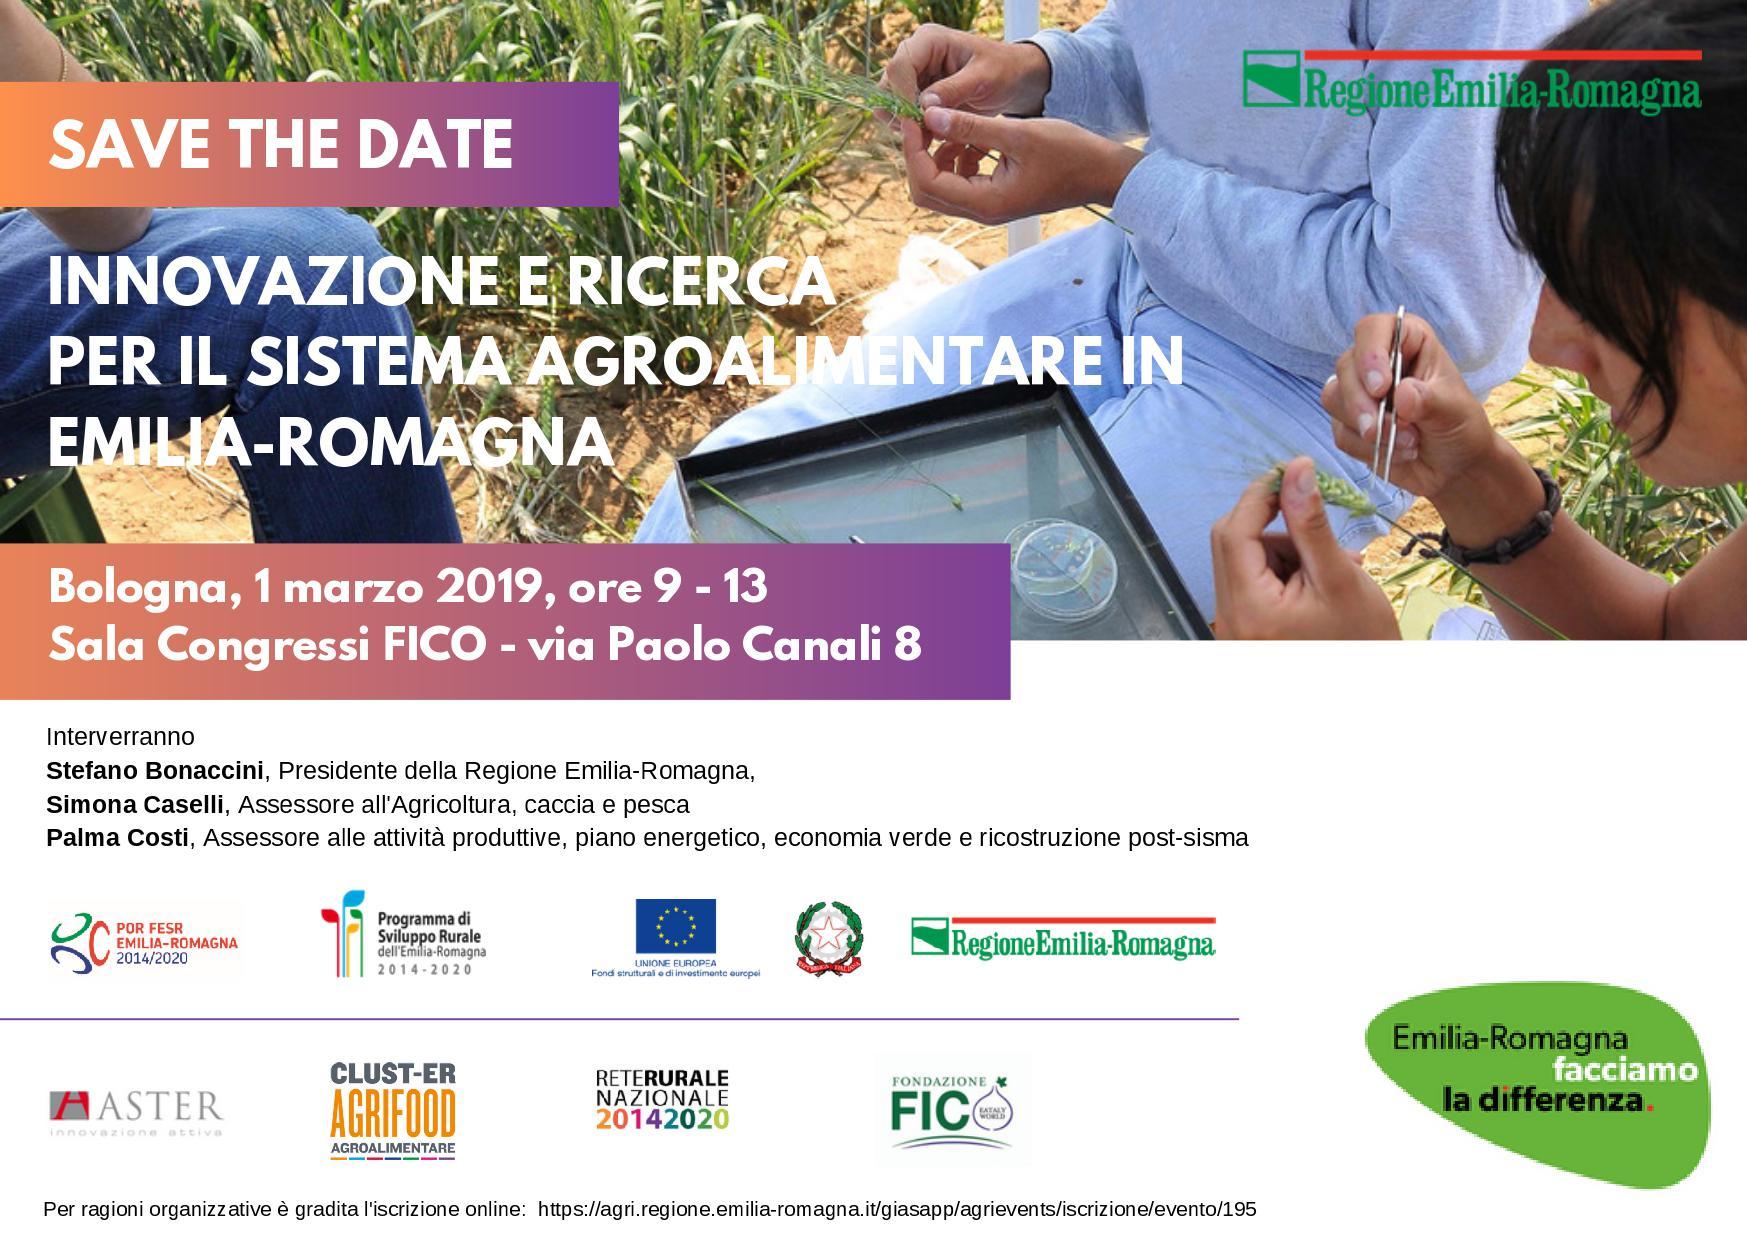 Innovazione e ricerca per il sistema agroalimentare in Emilia-Romagna: l'1 marzo un incontro a FICO